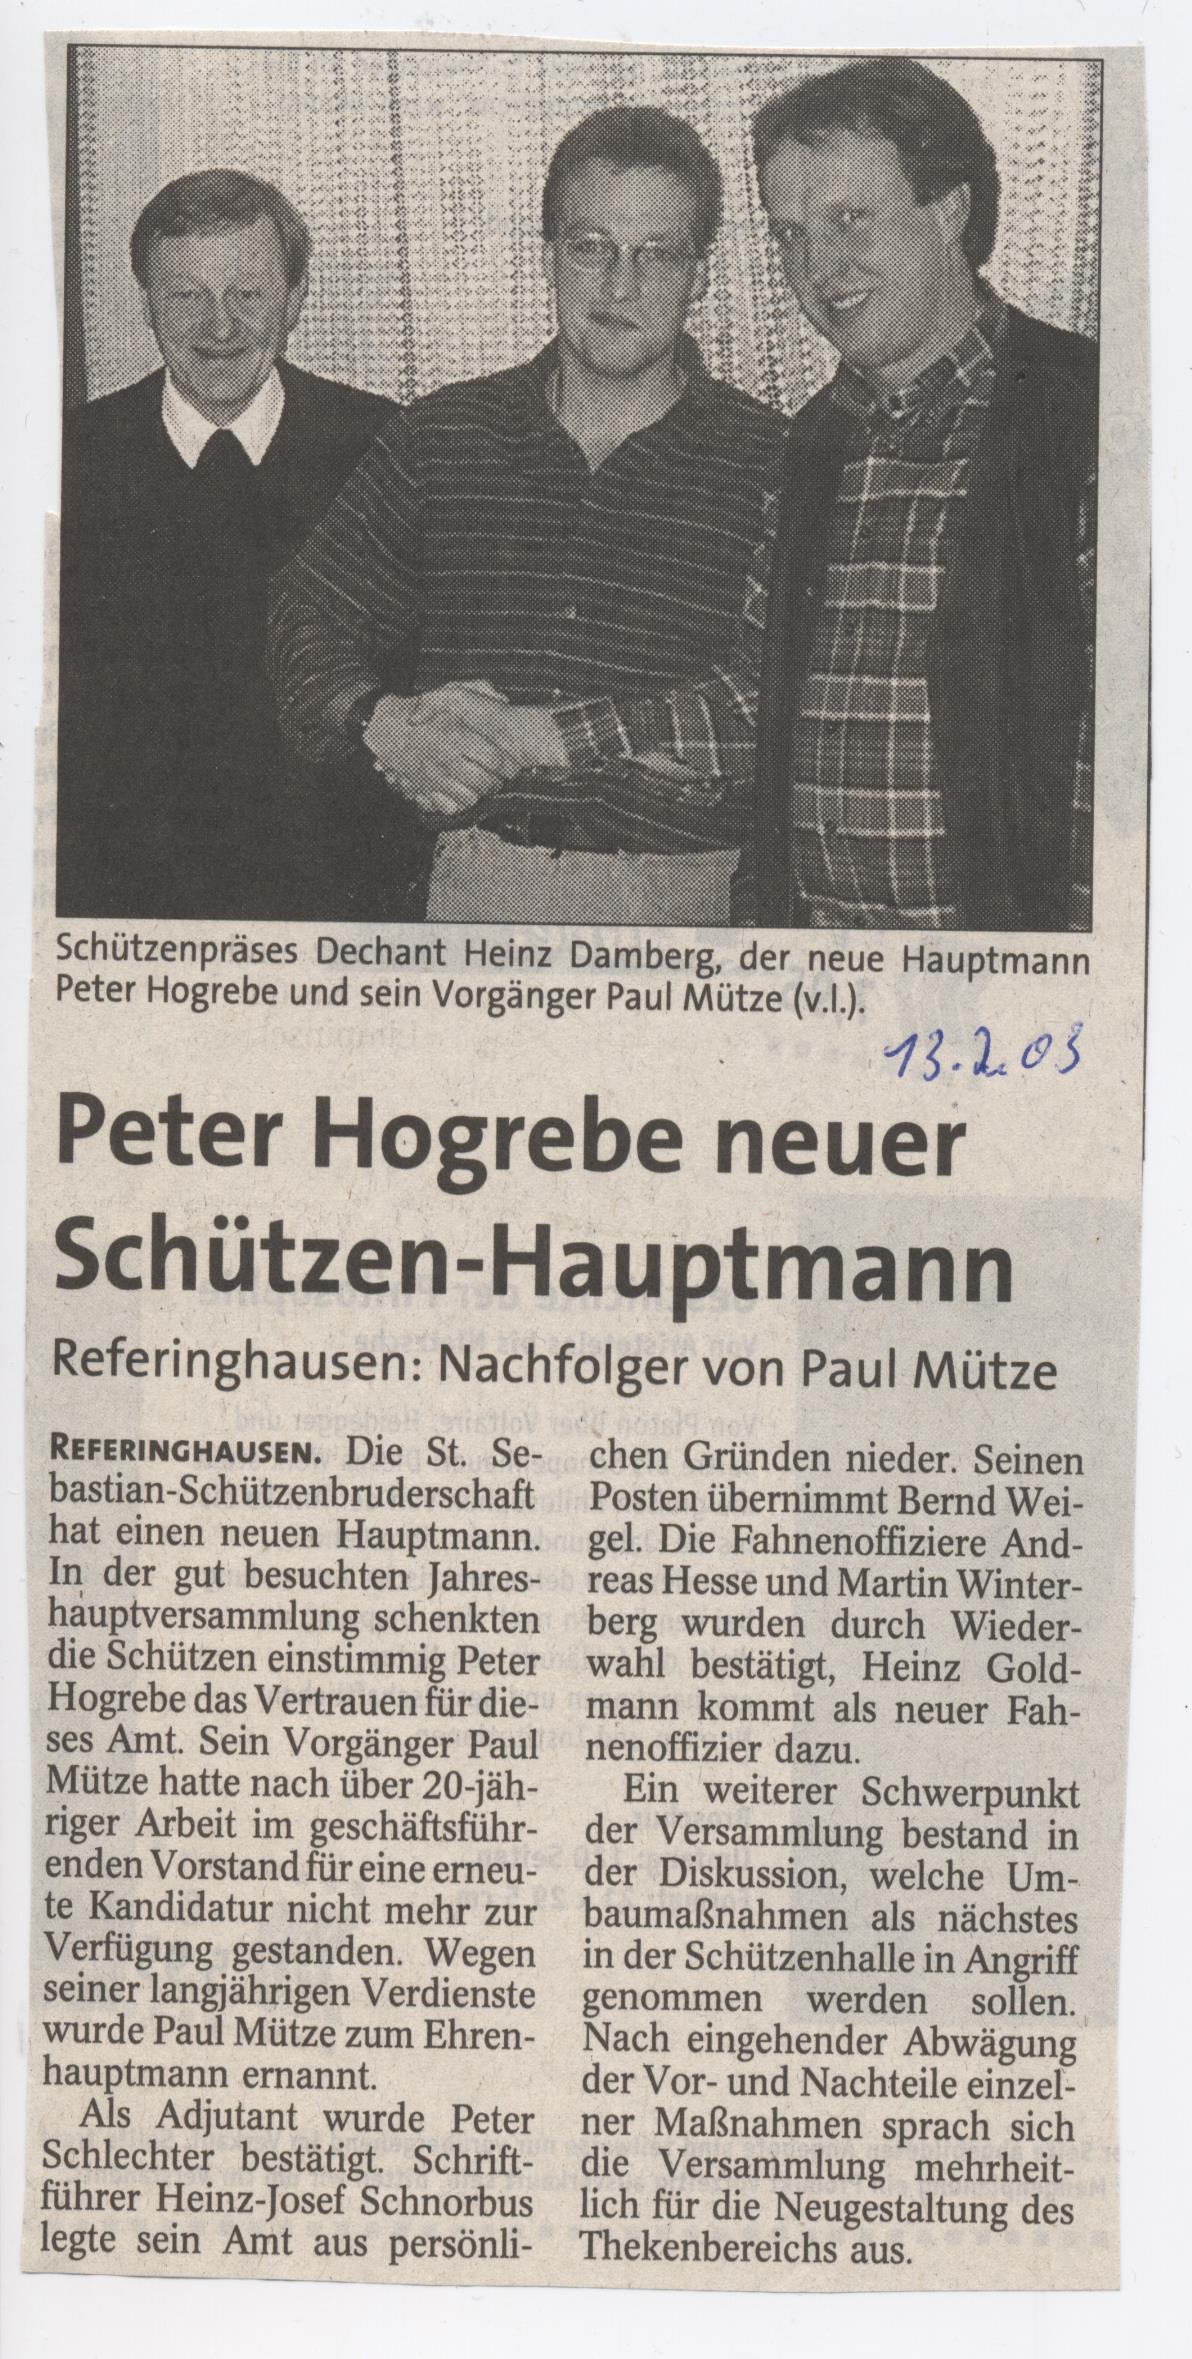 Peter Hogrebe als Hauptmann